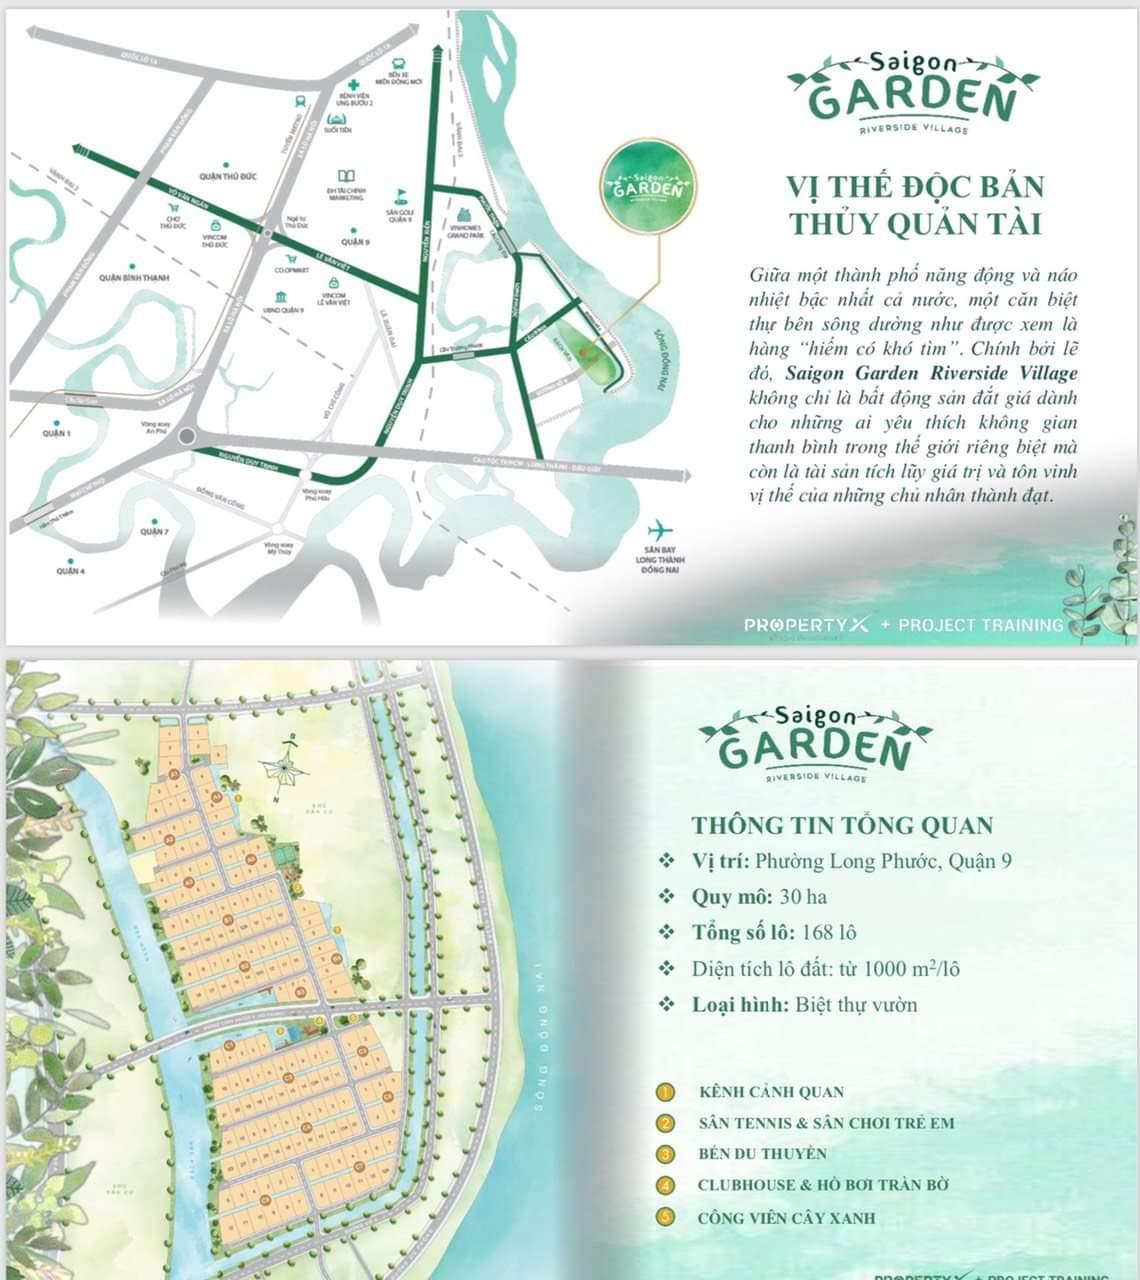 2 Hưng Thịnh bán đất dự án biệt thự vườn quận 9 giá 29tr/m2